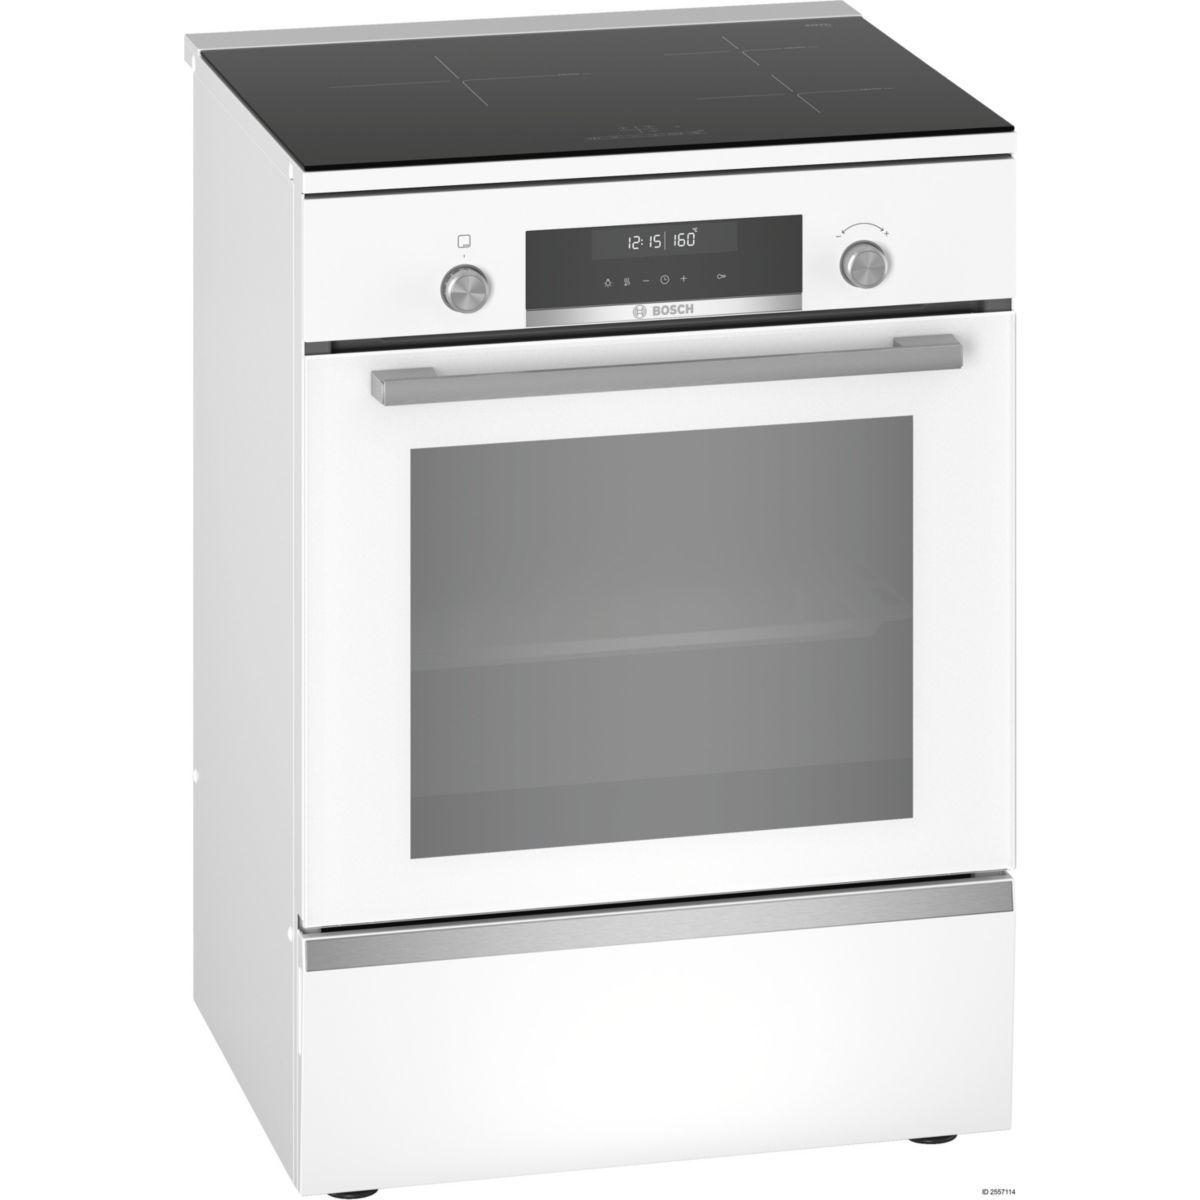 Cuisini�re induction bosch hls79r420 - 15% de remise imm�diate avec le code : gam15 (photo)